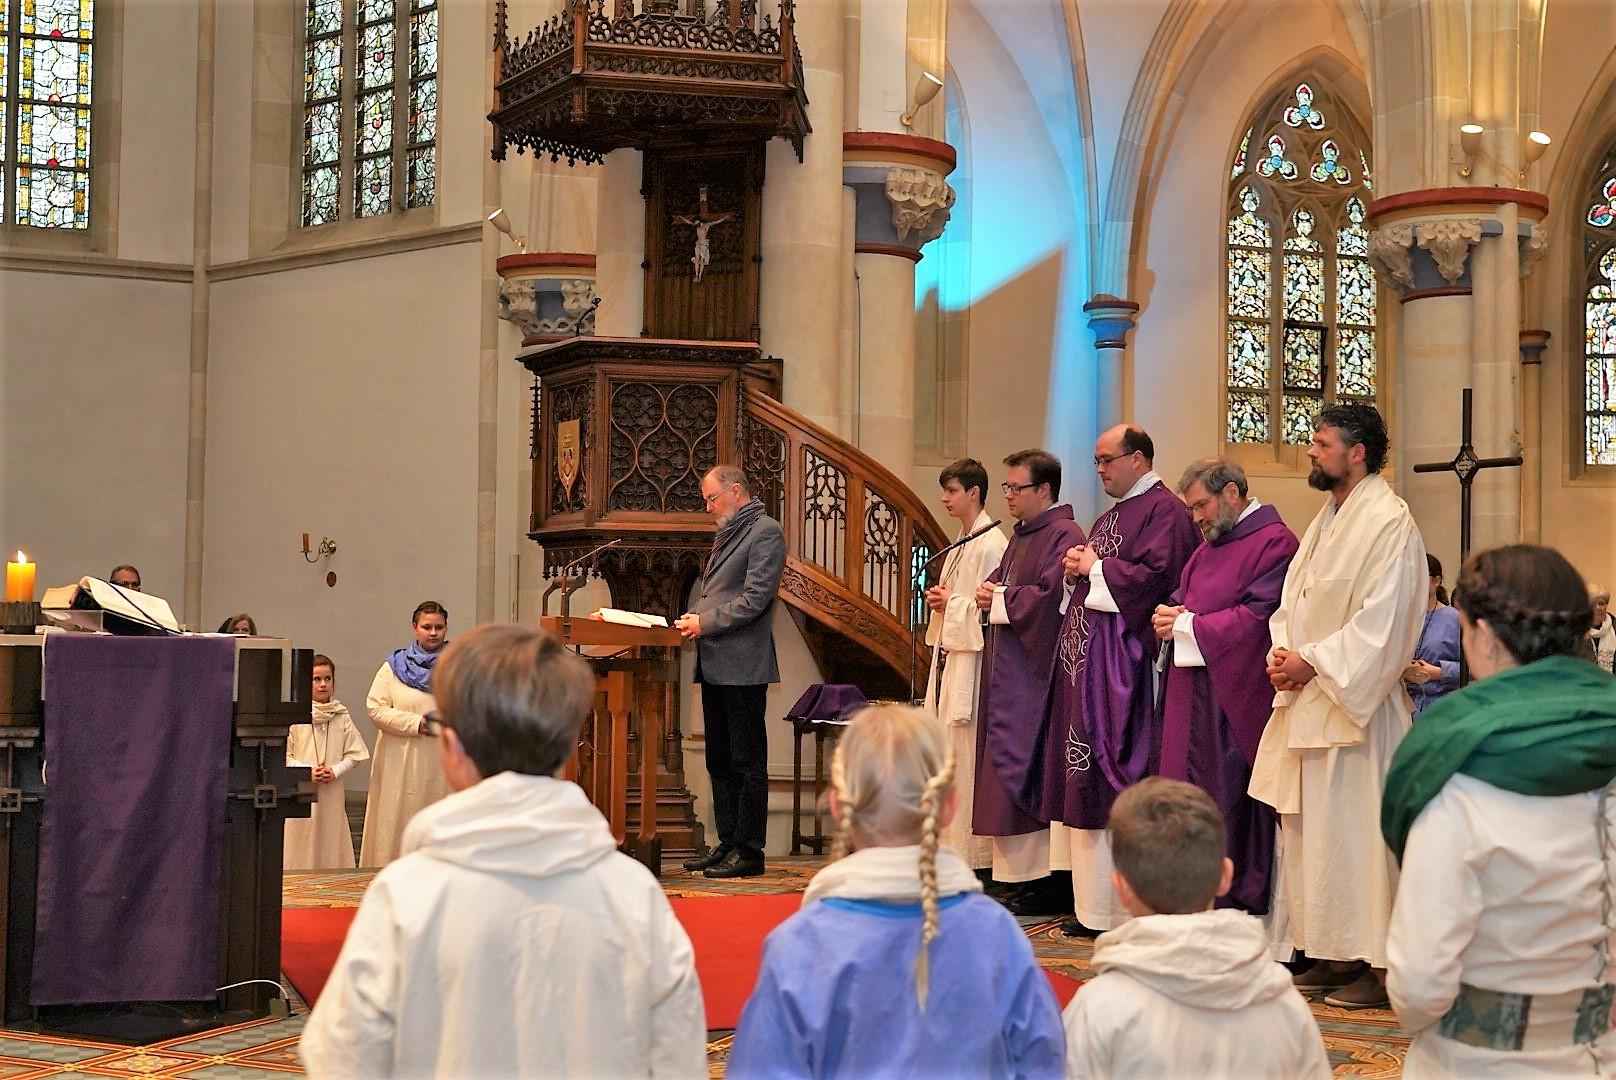 Die Geistlichen - Pastor Jochen Kosmann, Pastor Ulrich Liehr, Pastor Dr. Gerhard Best